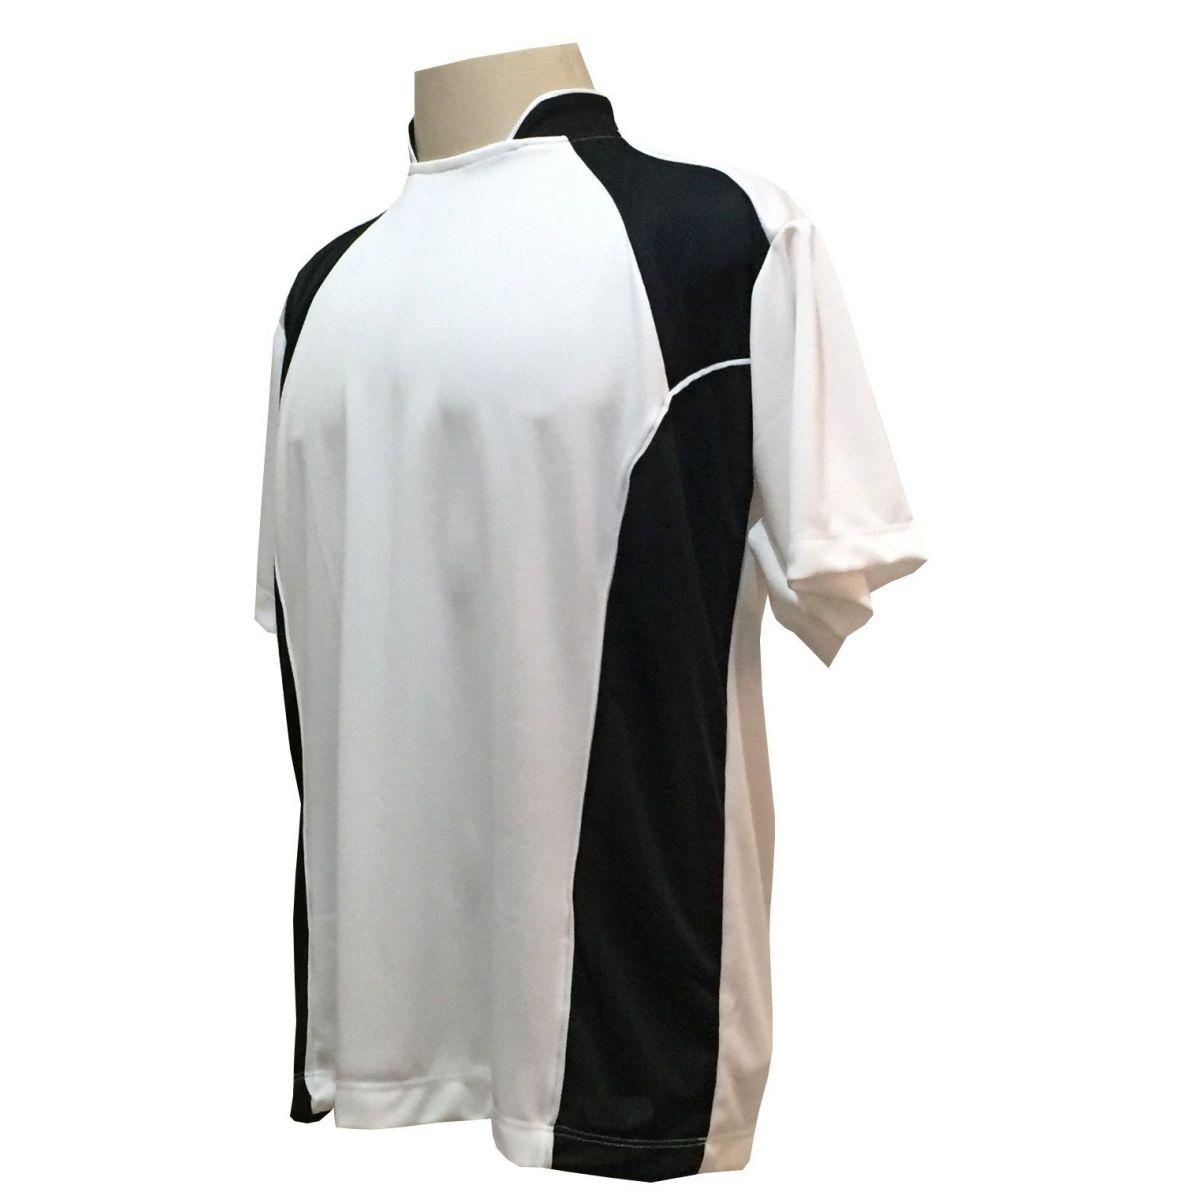 Uniforme Esportivo com 14 Camisas modelo Suécia Branco/Preto + 14 Calções modelo Madrid Preto